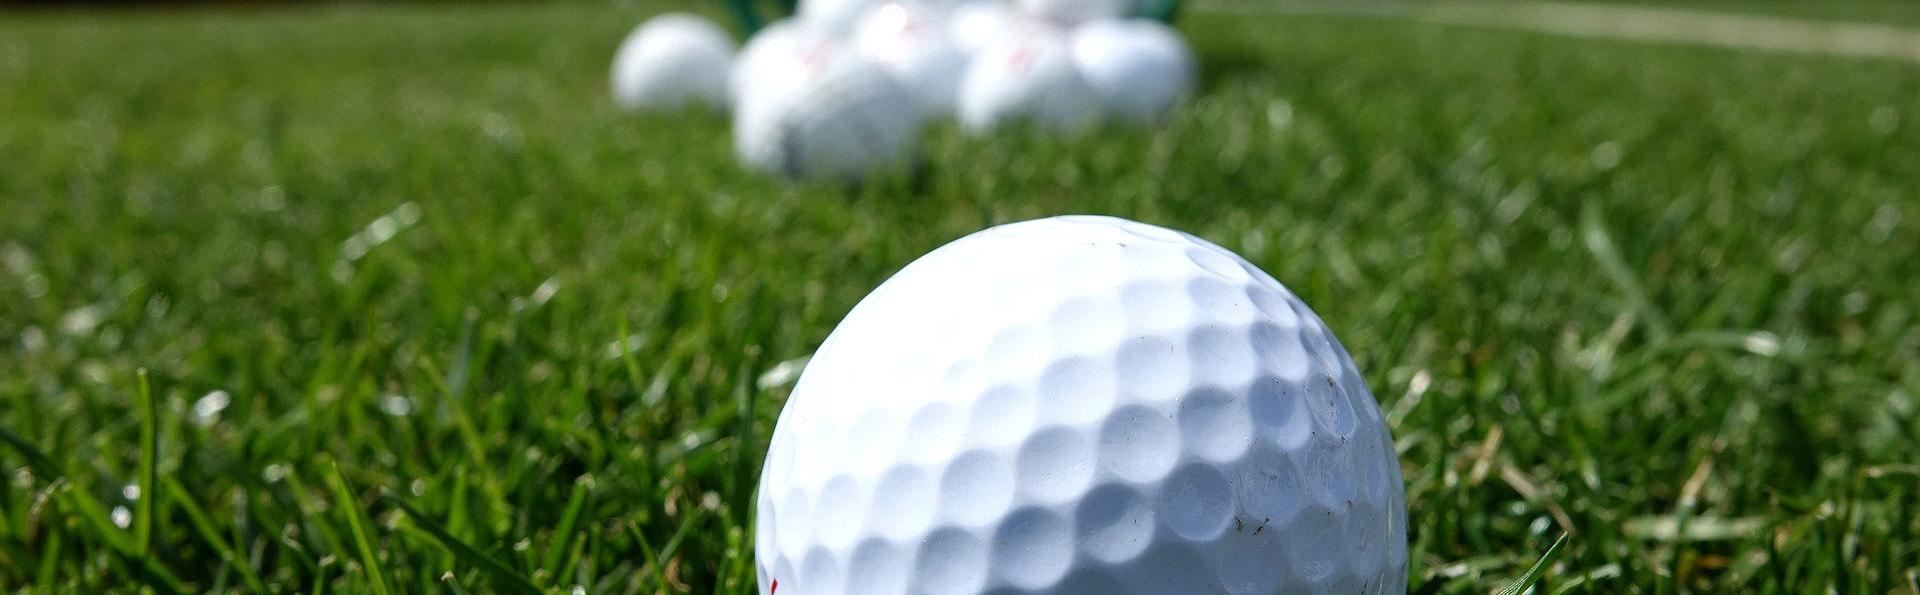 Battleground Golf Club, Deer Park Texas